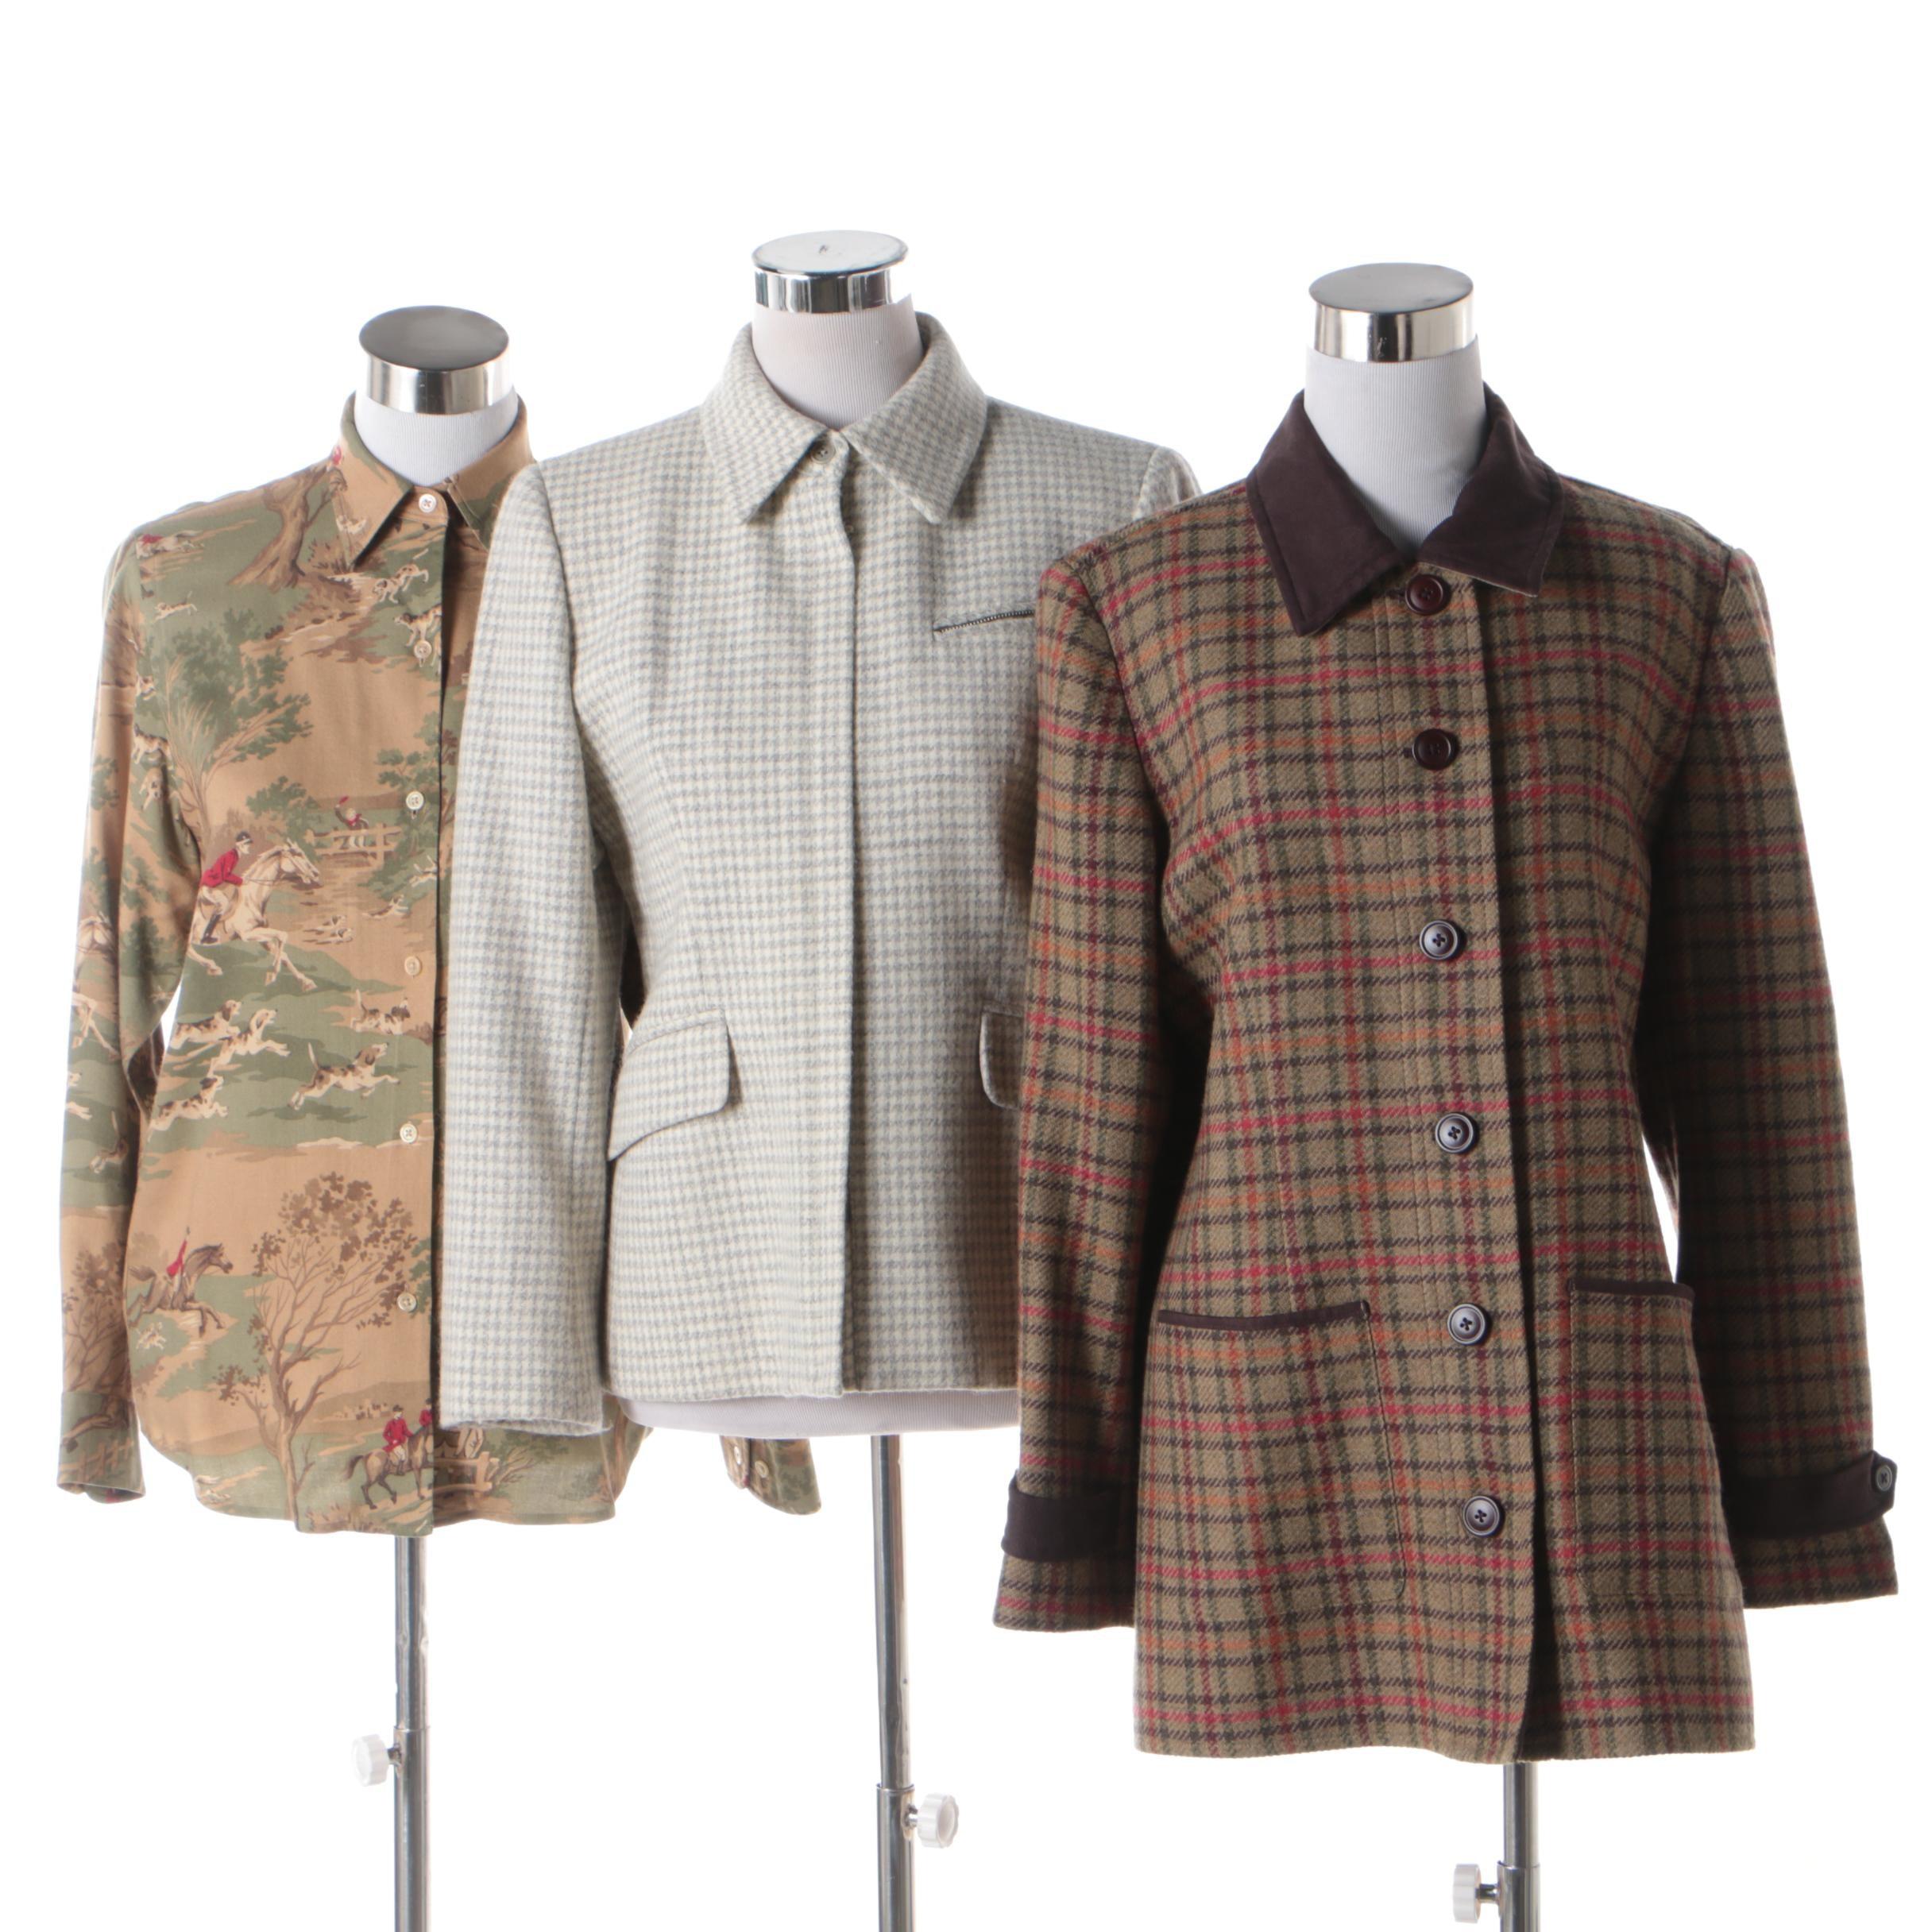 Women's Wool Jackets and Shirt Including Lauren Ralph Lauren and Orvis